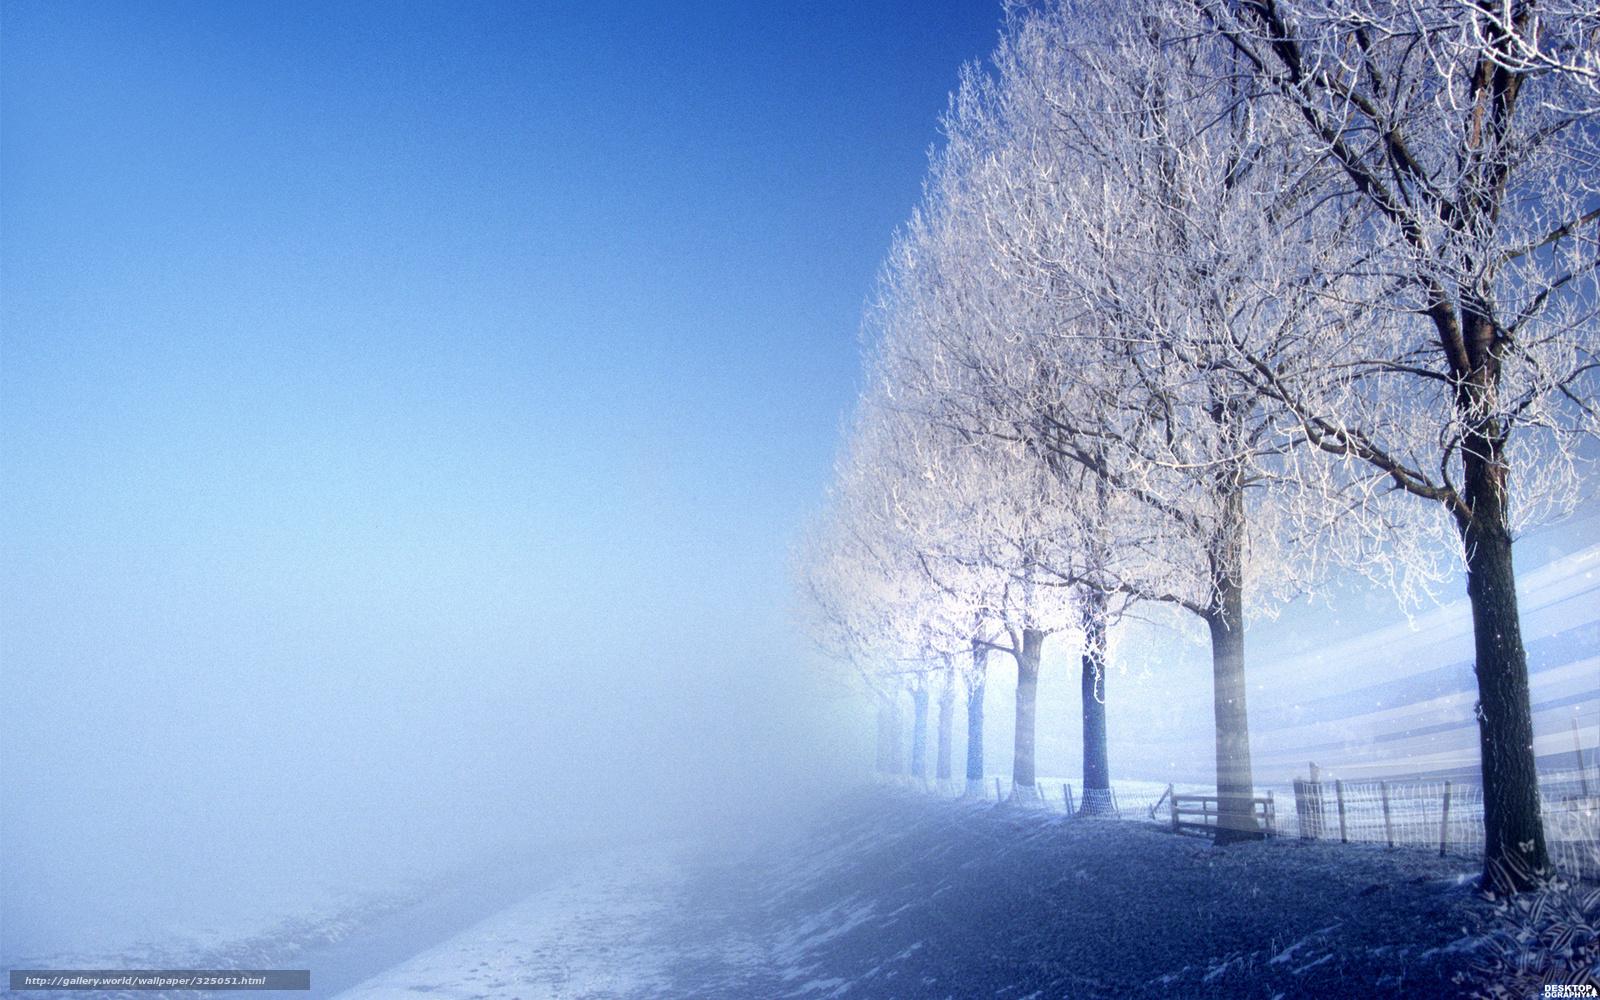 Scaricare gli sfondi inverno alberi nebbia sfondi gratis for Sfondi gratis desktop inverno